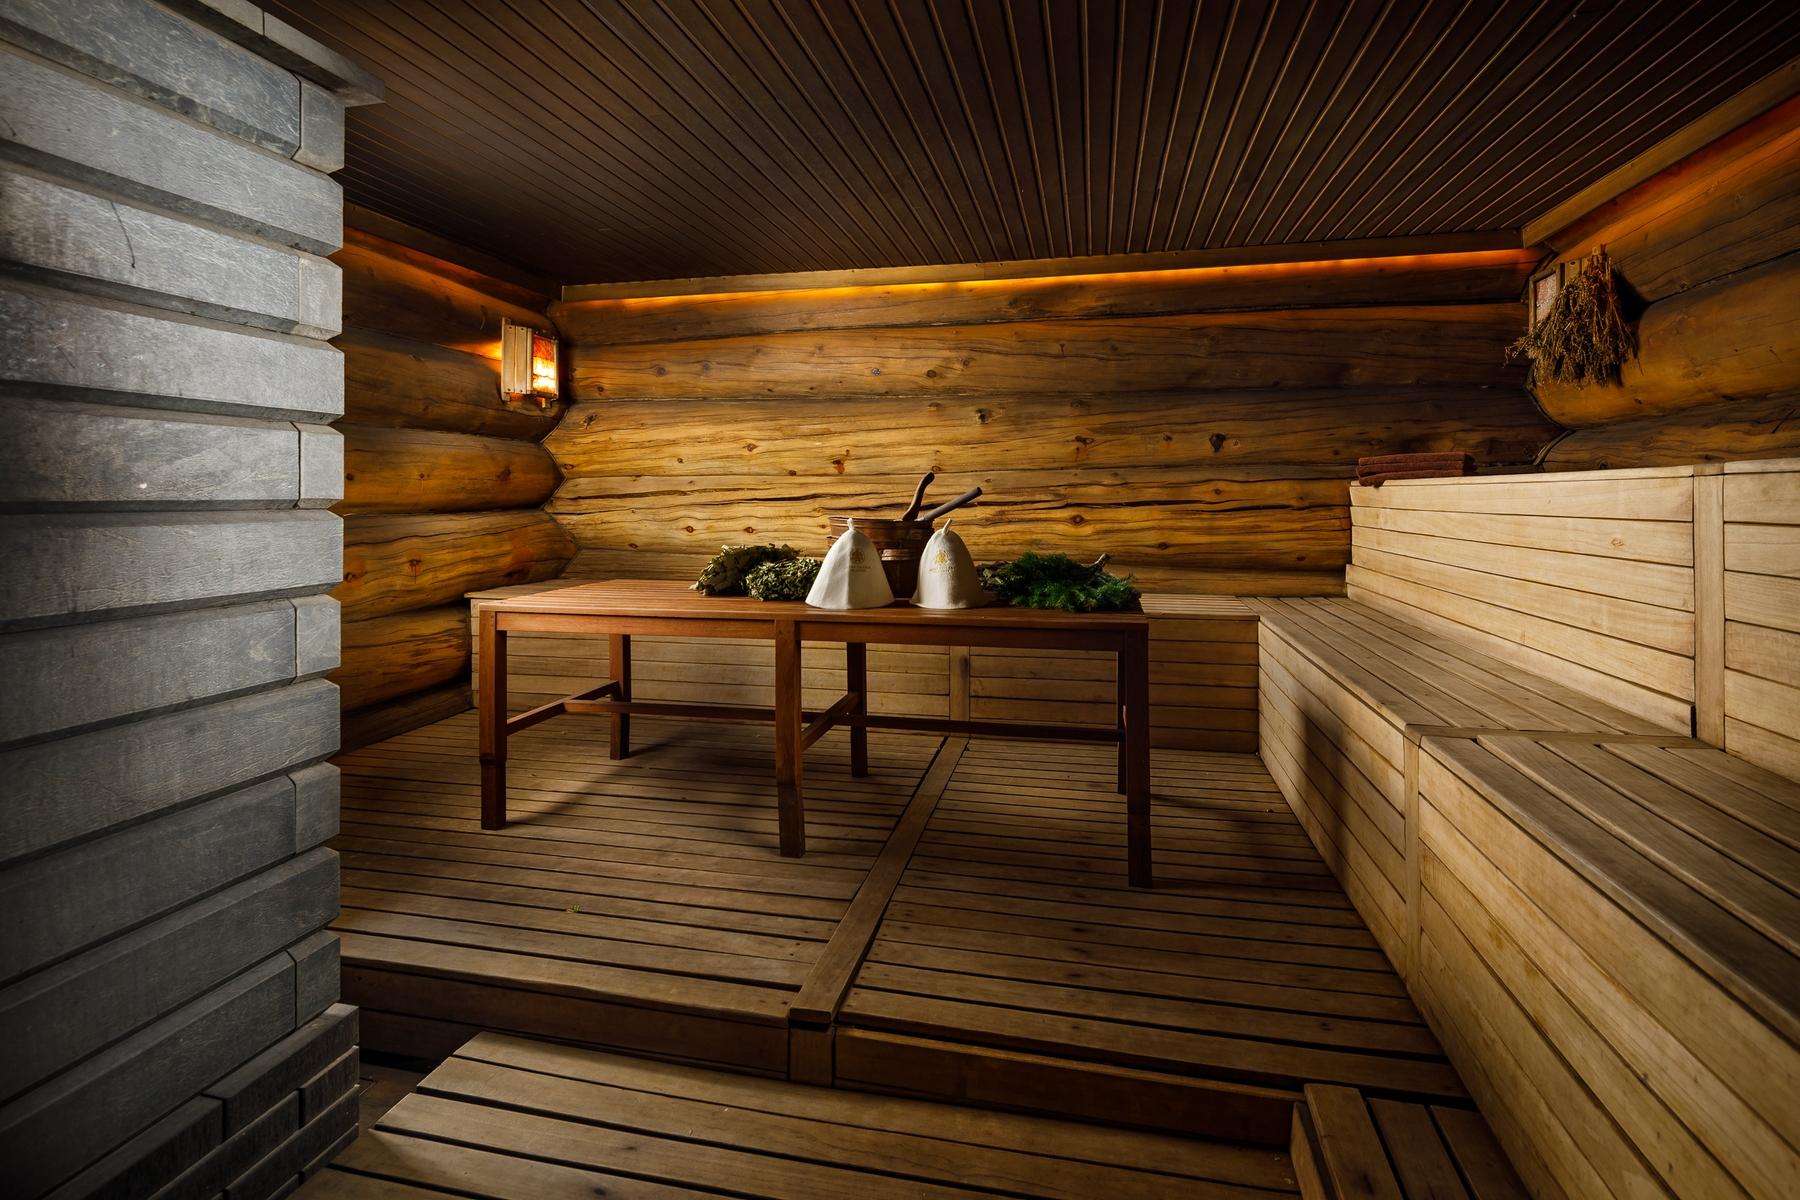 Лучшие банные курорты России. Отель со спа-комплексом «Алтай Вилладж Телецкое»